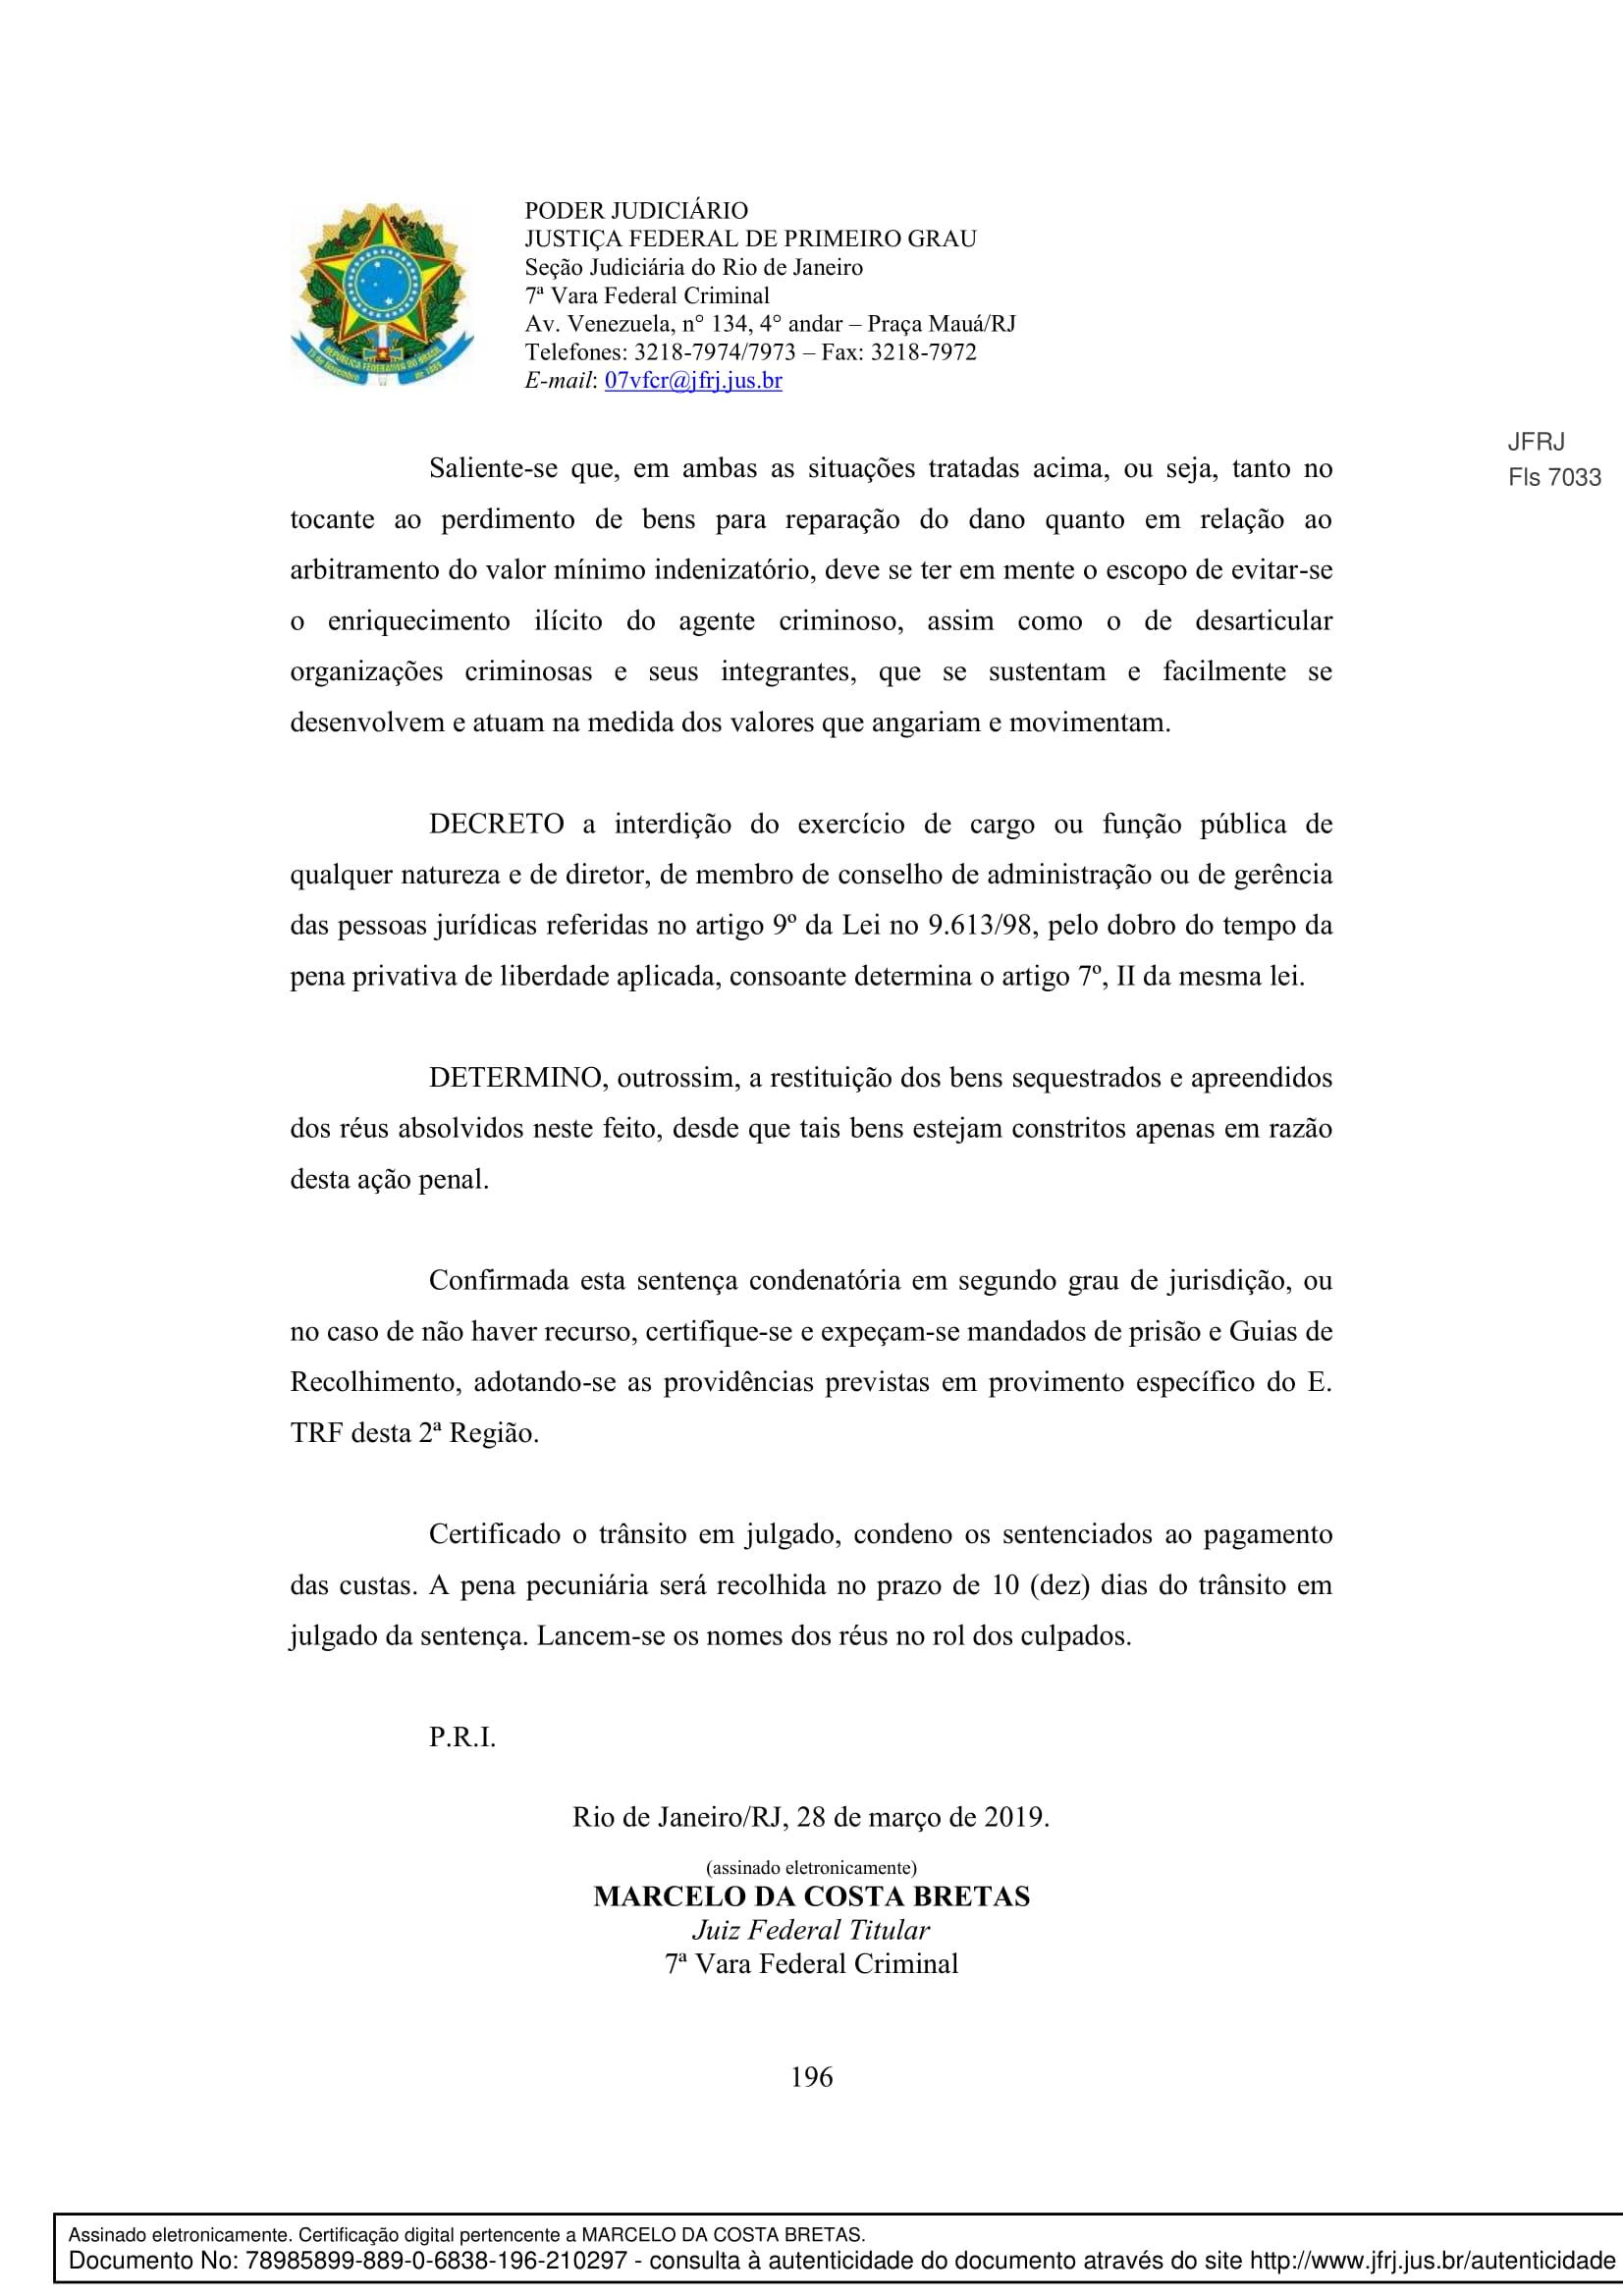 Sentenca-Cadeia-Velha-7VFC-196